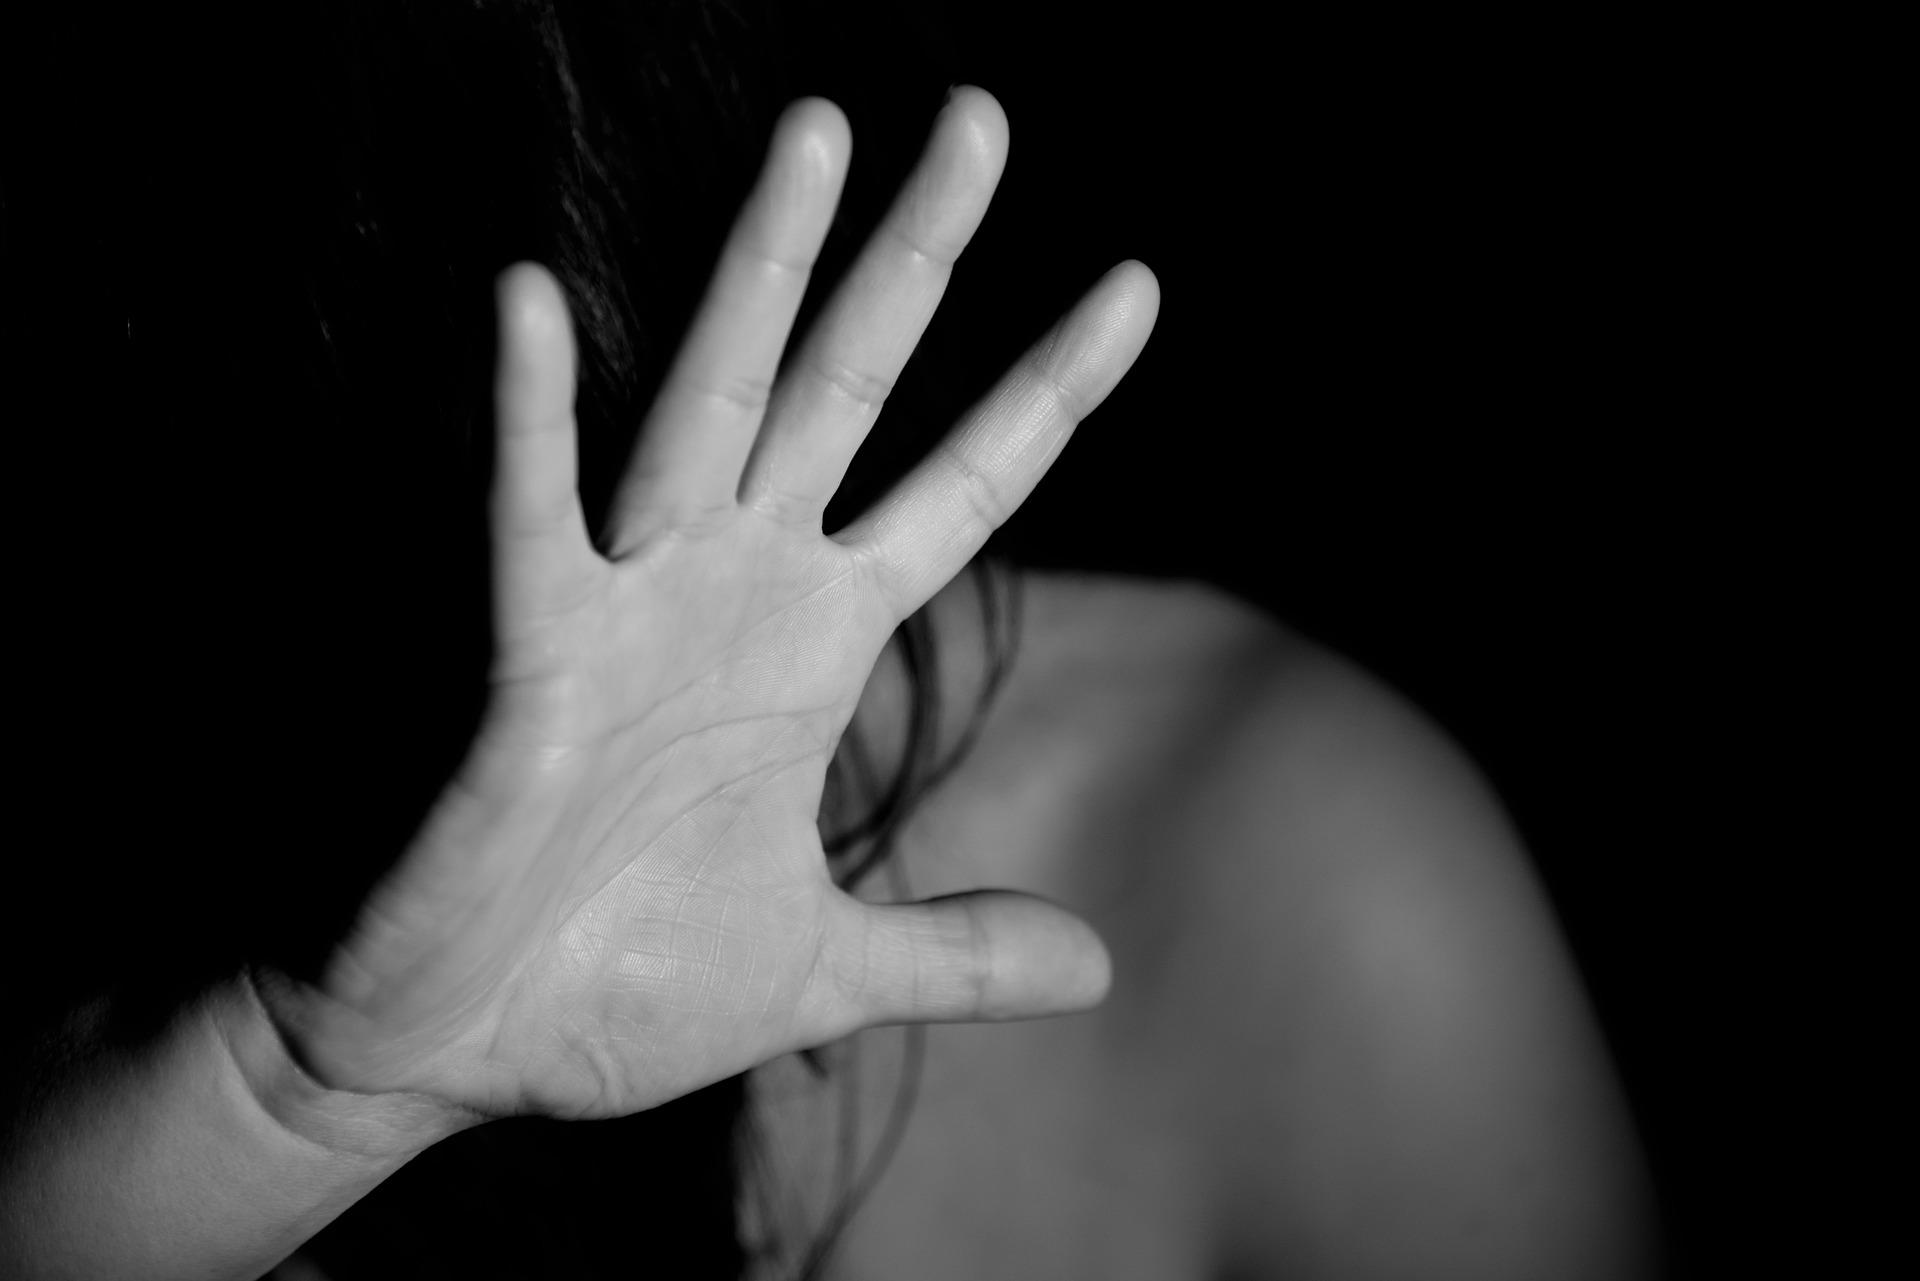 Violenza sessuale, revenge porn e sexting: verso un'eccessiva normalizzazione della pornografia?